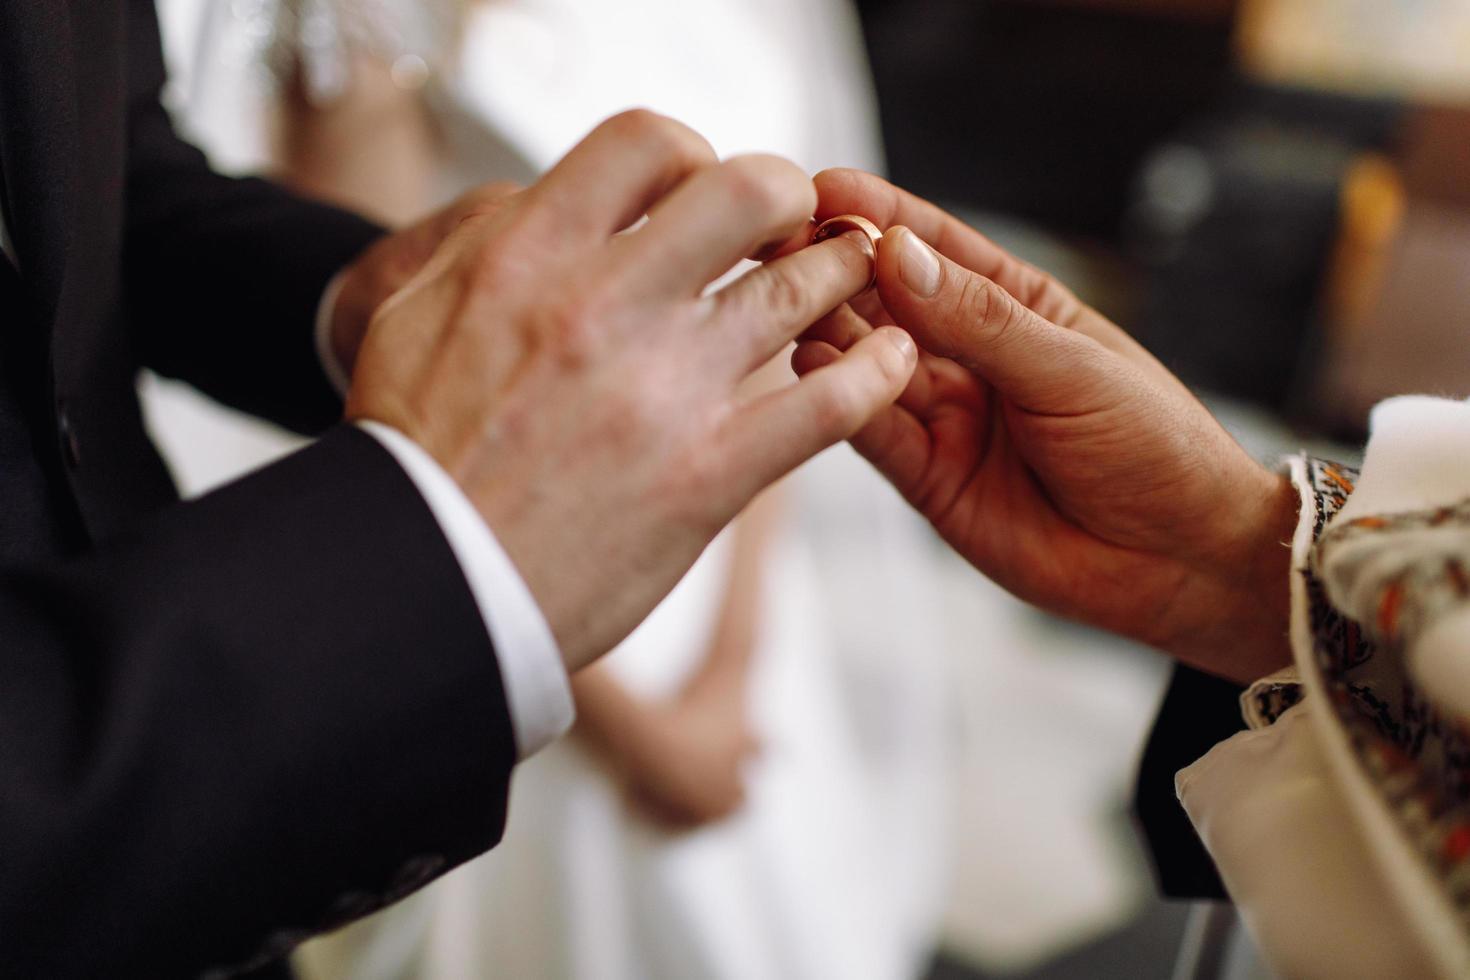 Prêtre met la bague de mariage sur la main du marié photo